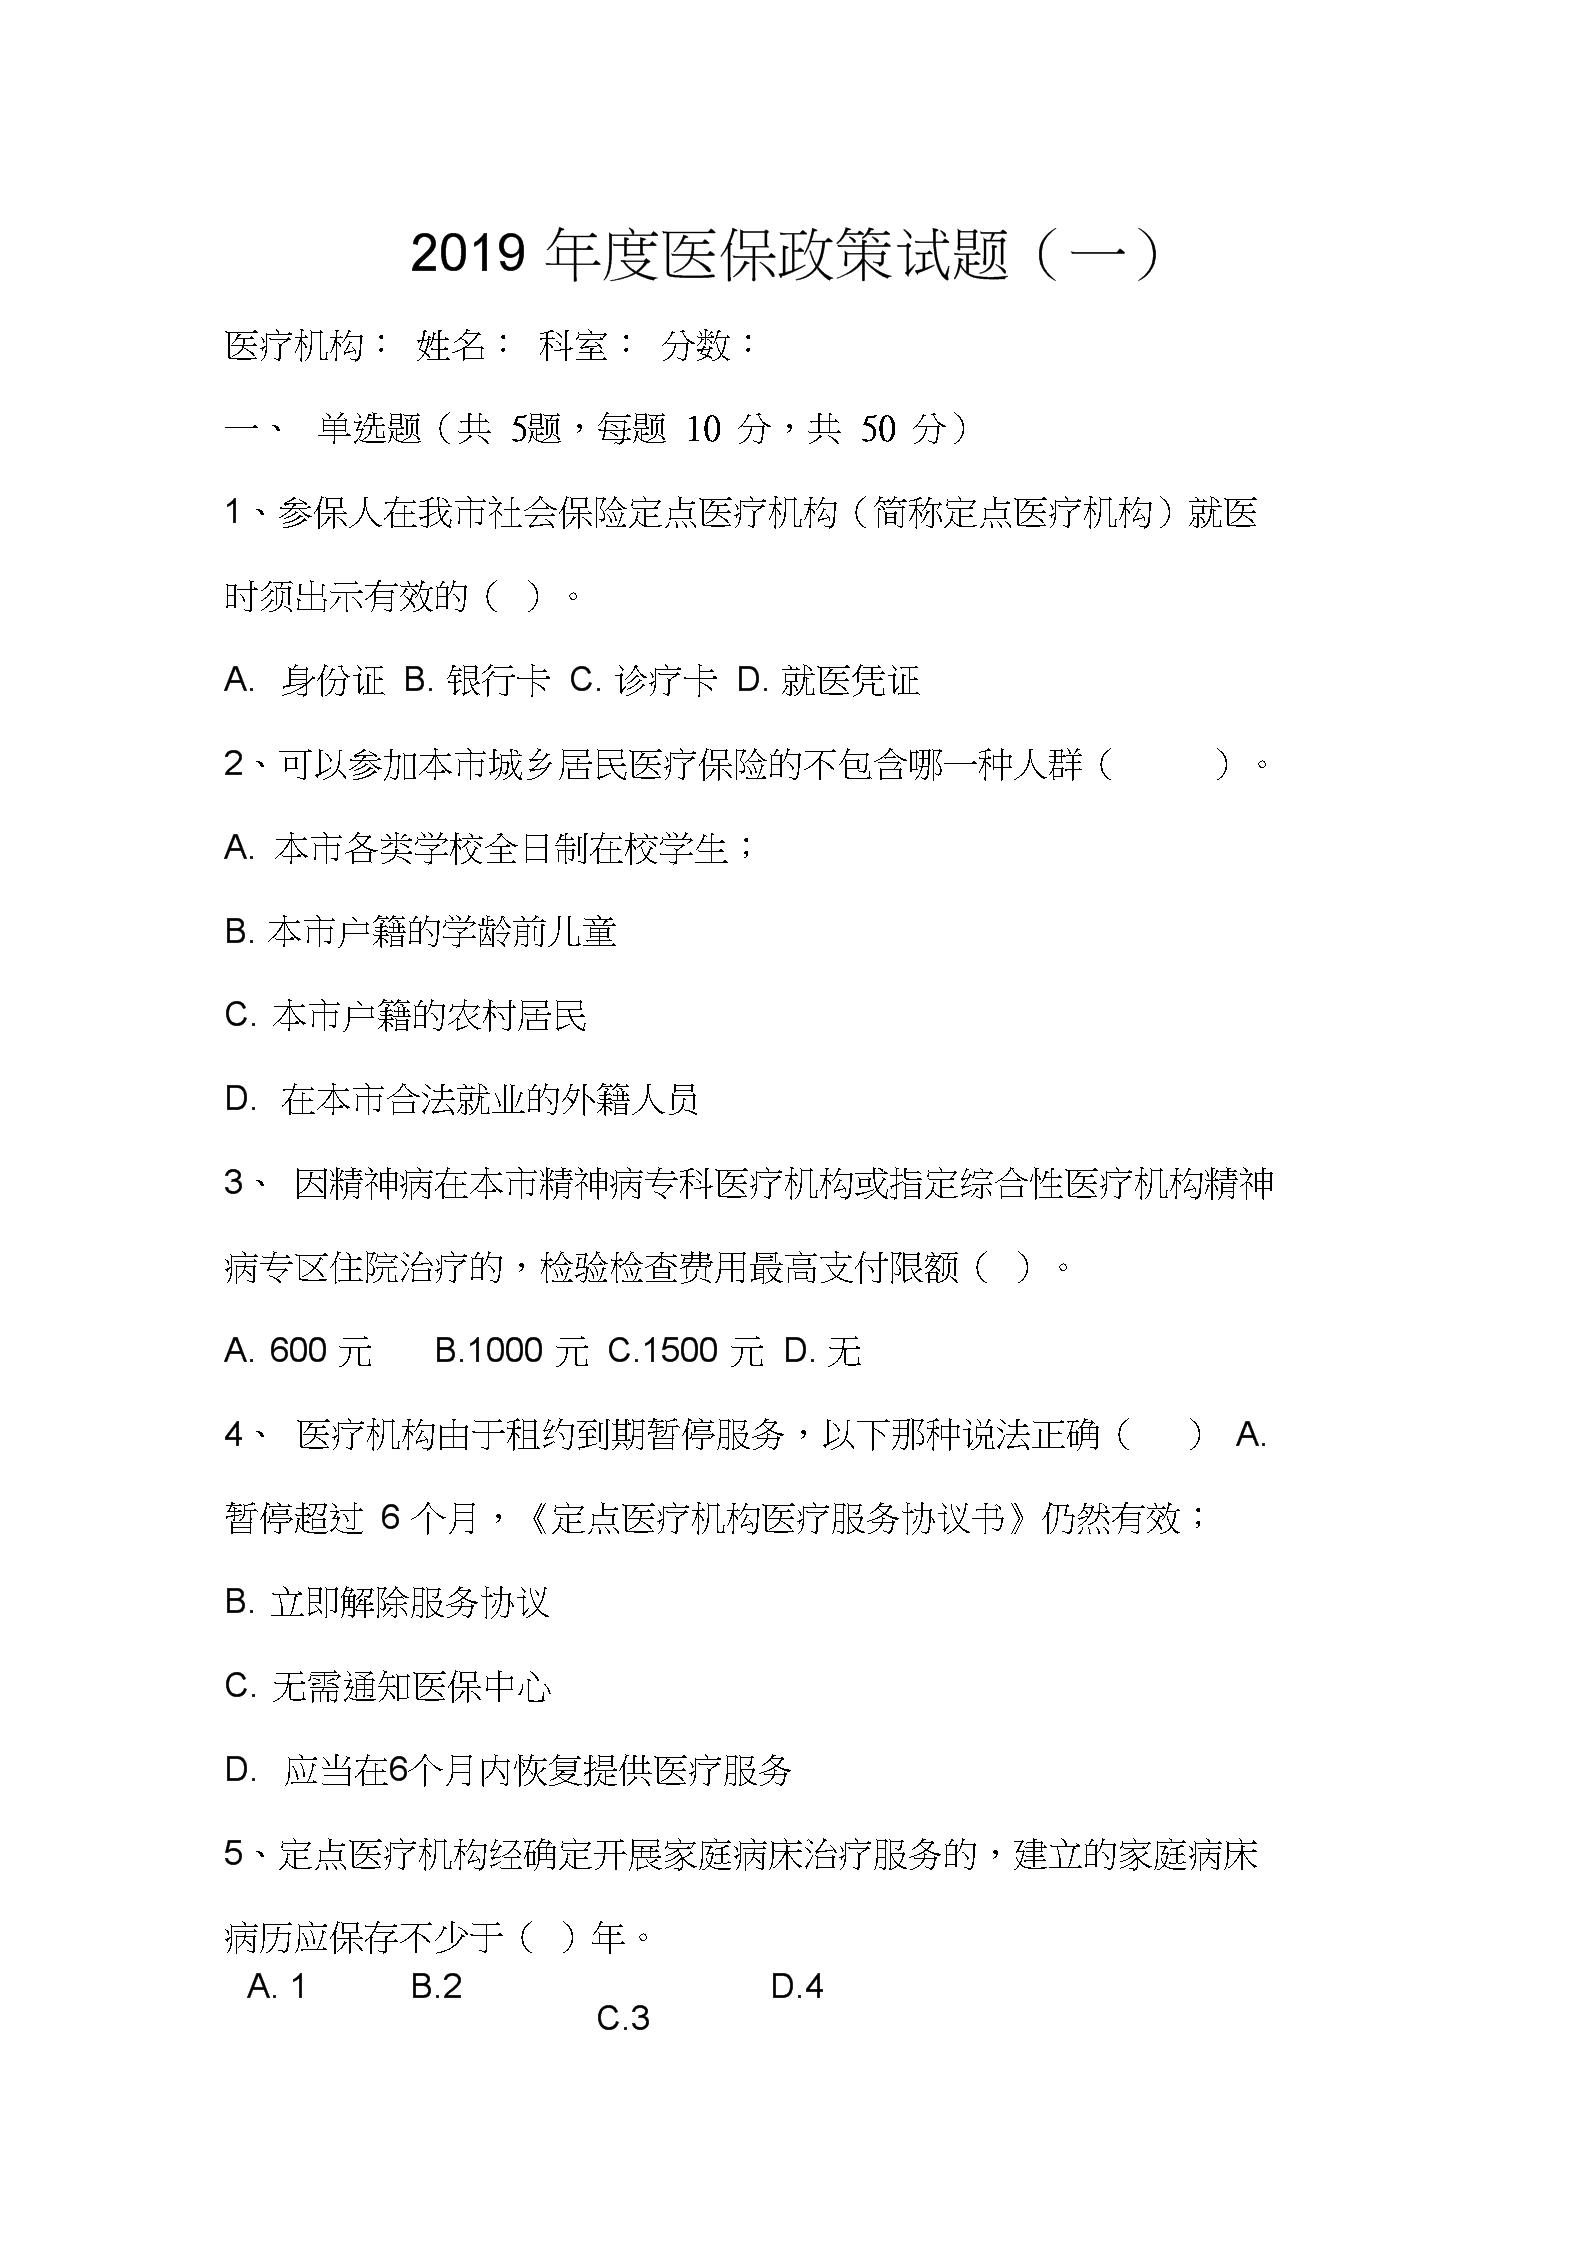 2019年度医保政策考试试题(1)(2)(1)(20201017151838).docx